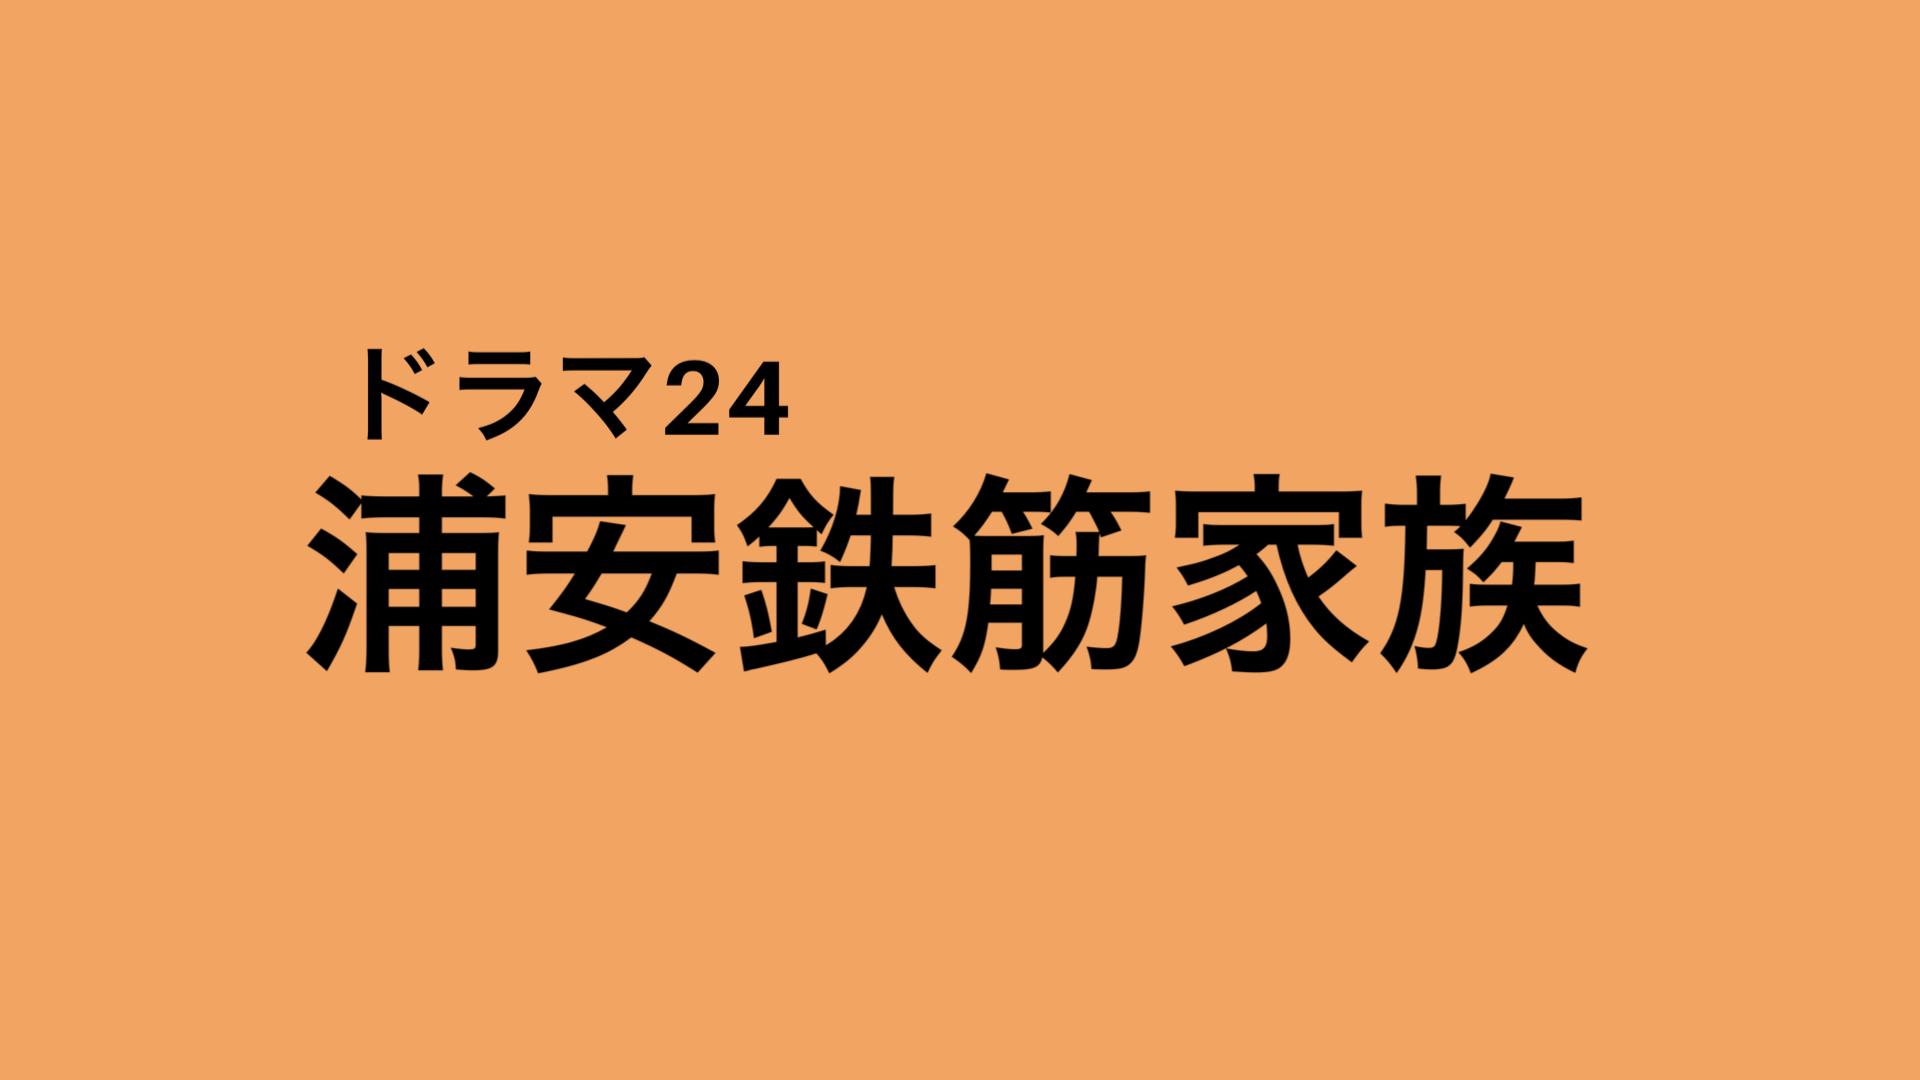 鉄筋 動画 浦安 家族 ドラマ